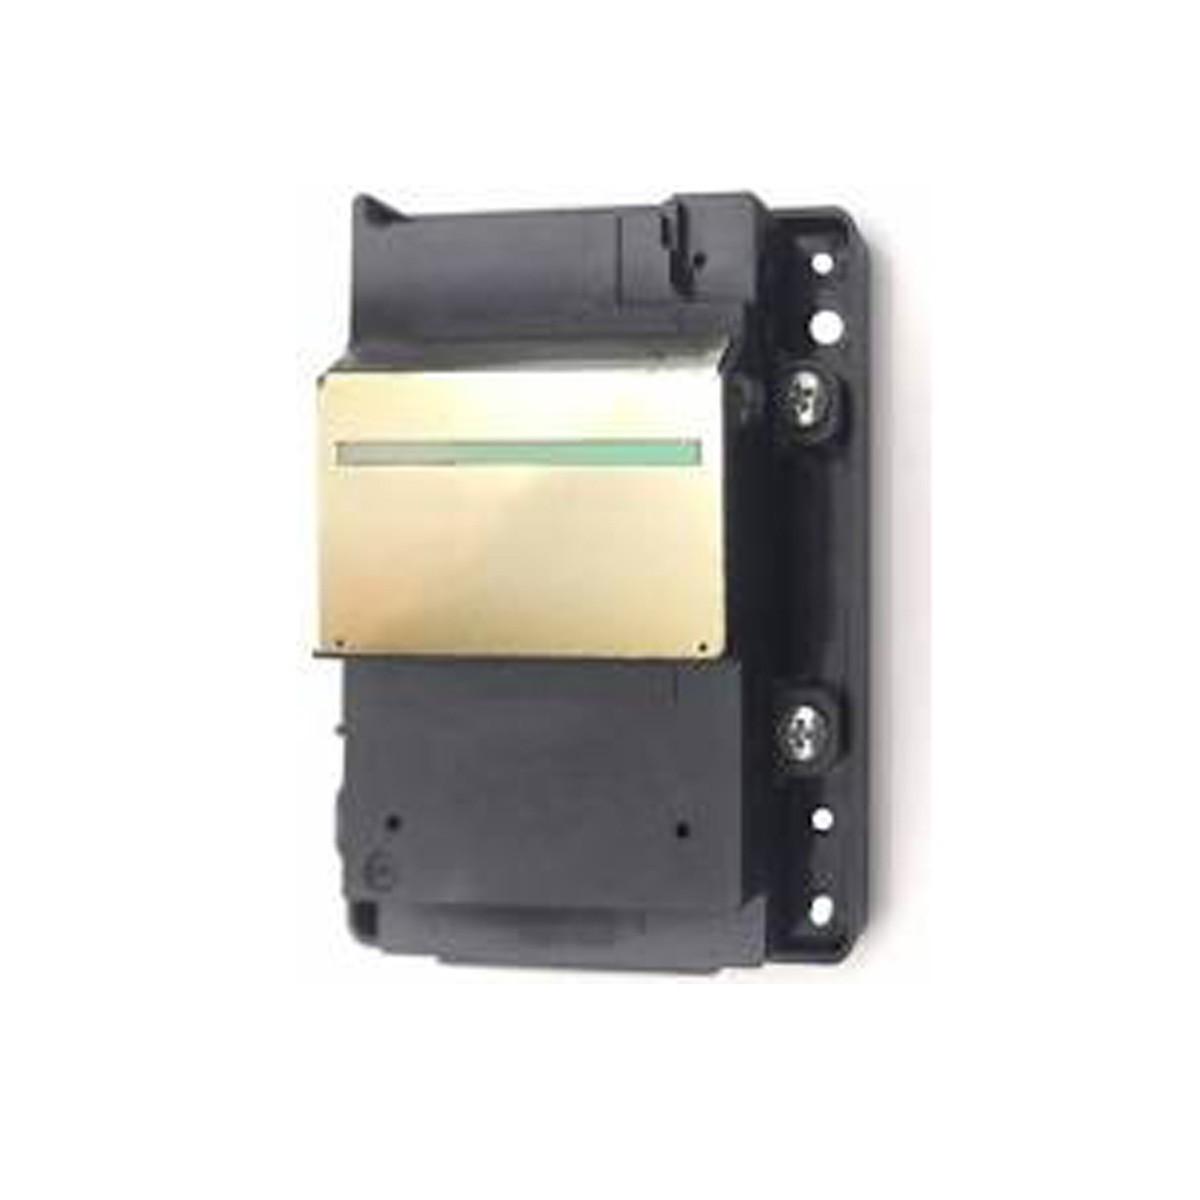 Cabeça de Impressão Epson L656 L655 L606 - FA18021 FA18003 Original